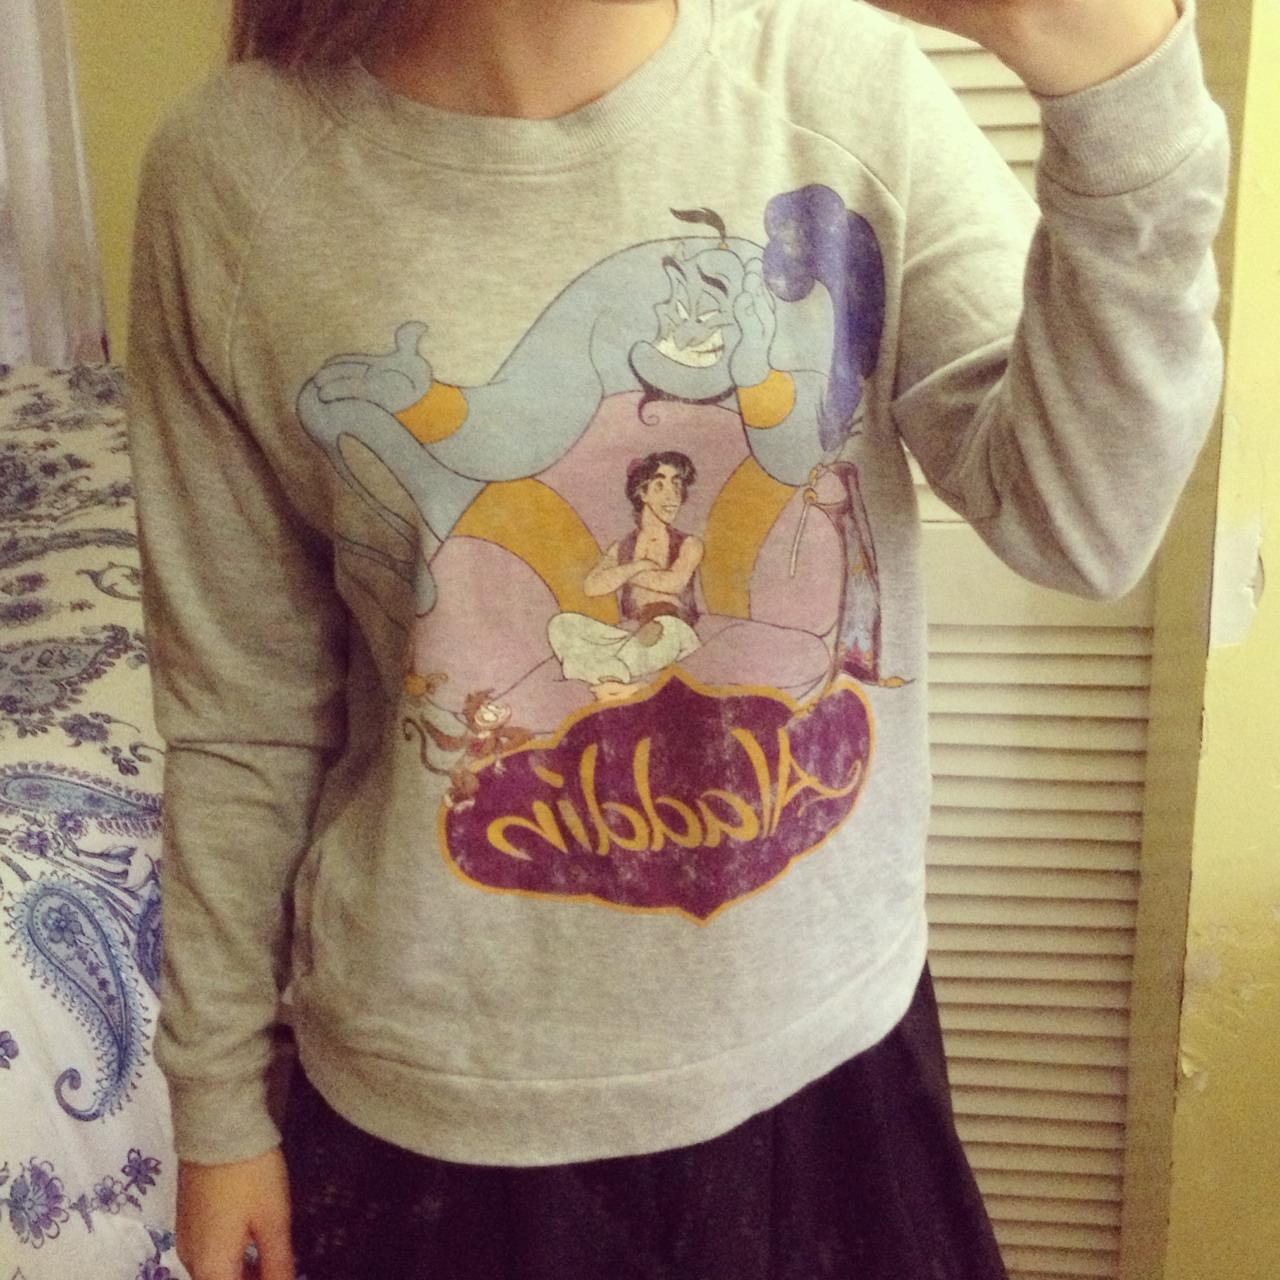 Forever 21 disney's aladdin sweatshirt from bellabelle on storenvy